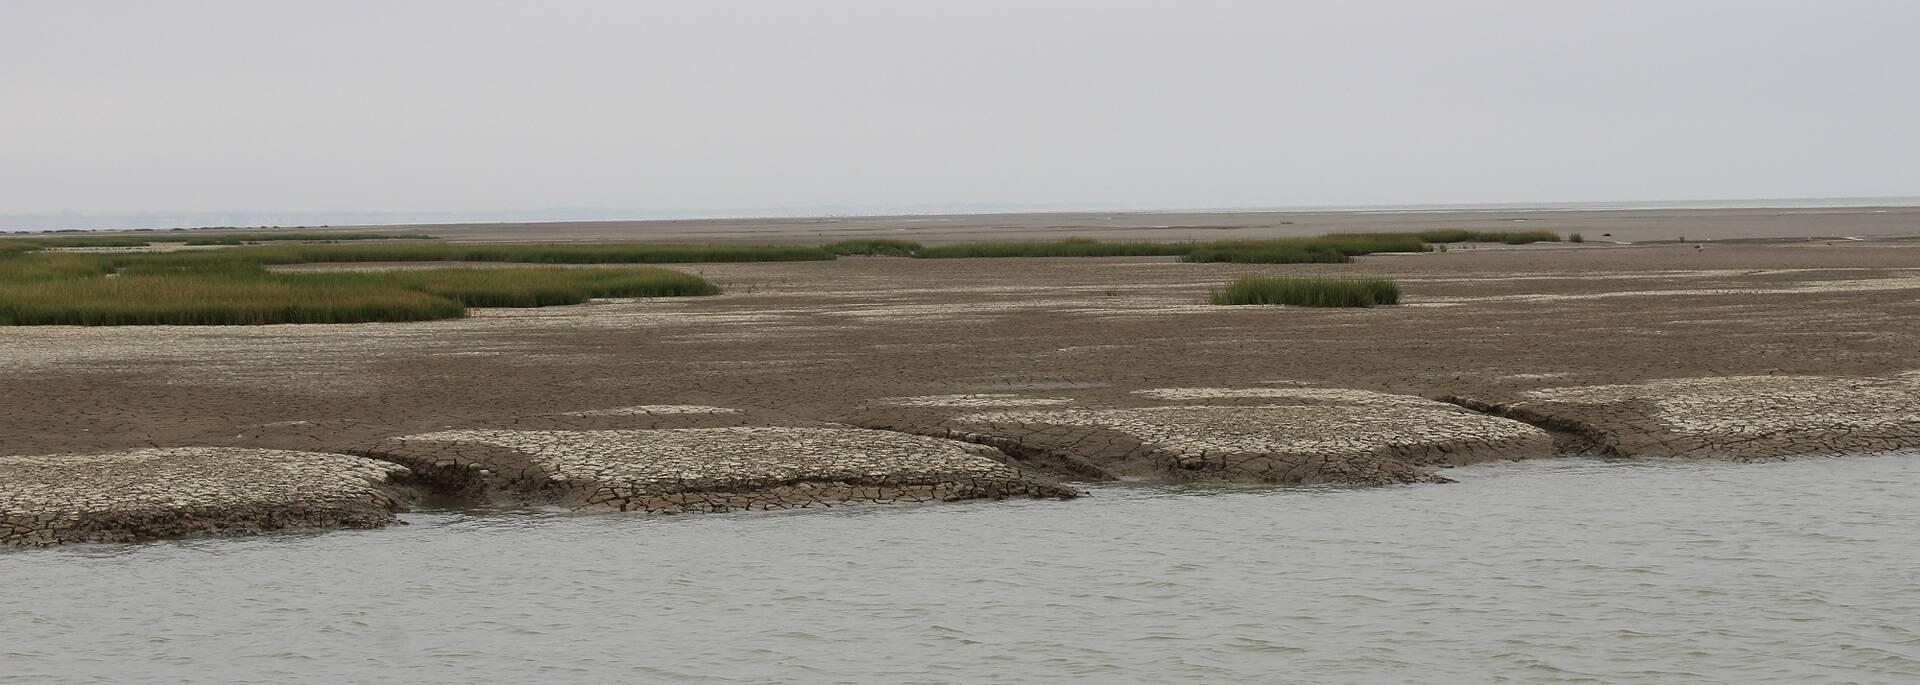 Paysage de la baie de l'Aiguillon - ©P.Migaud / FDHPA17